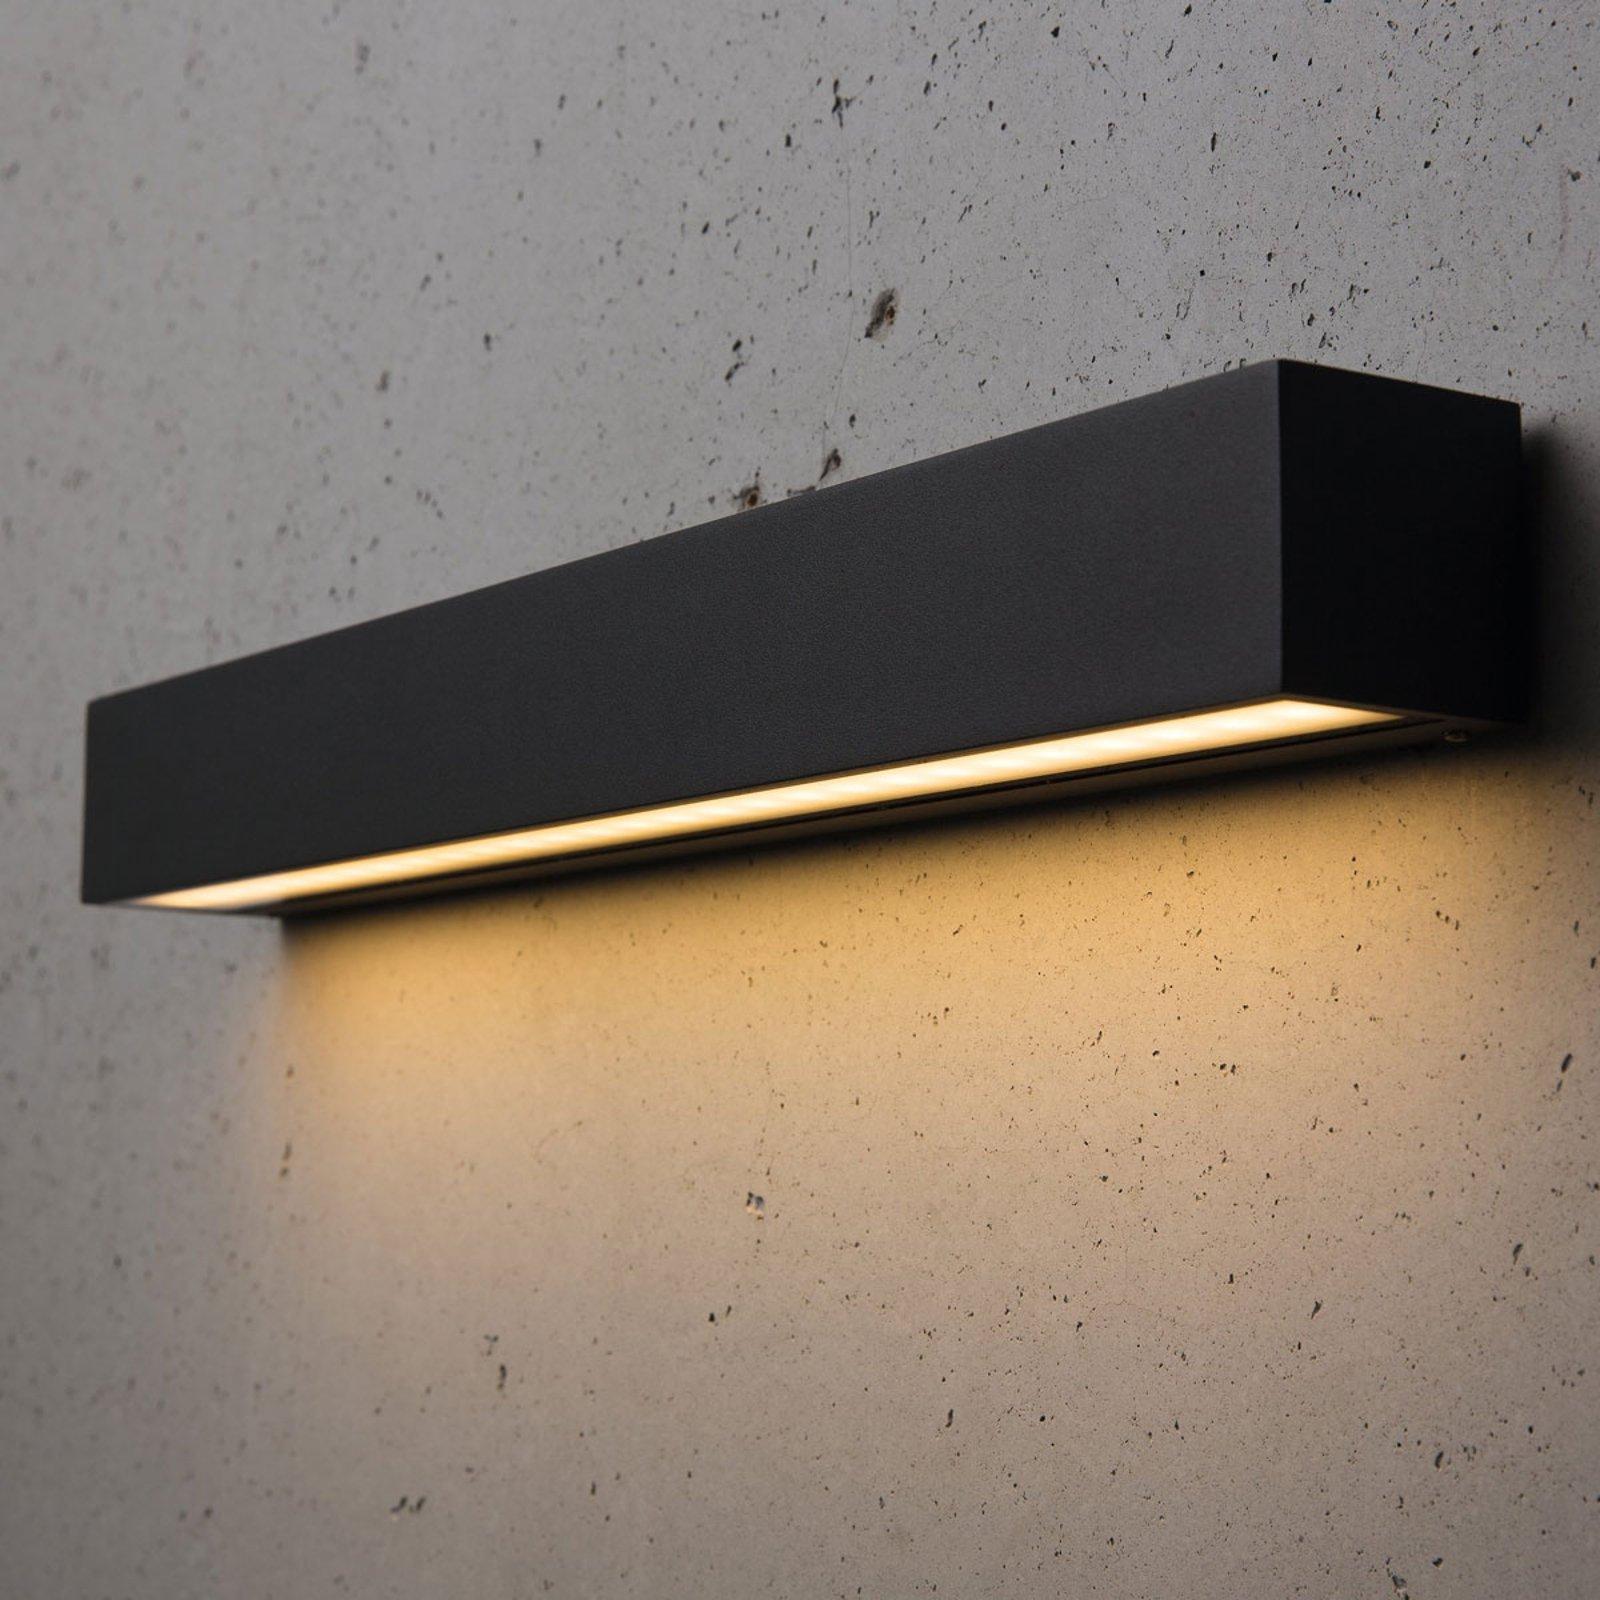 Smal utendørs LED-taklampe Medea 50 cm